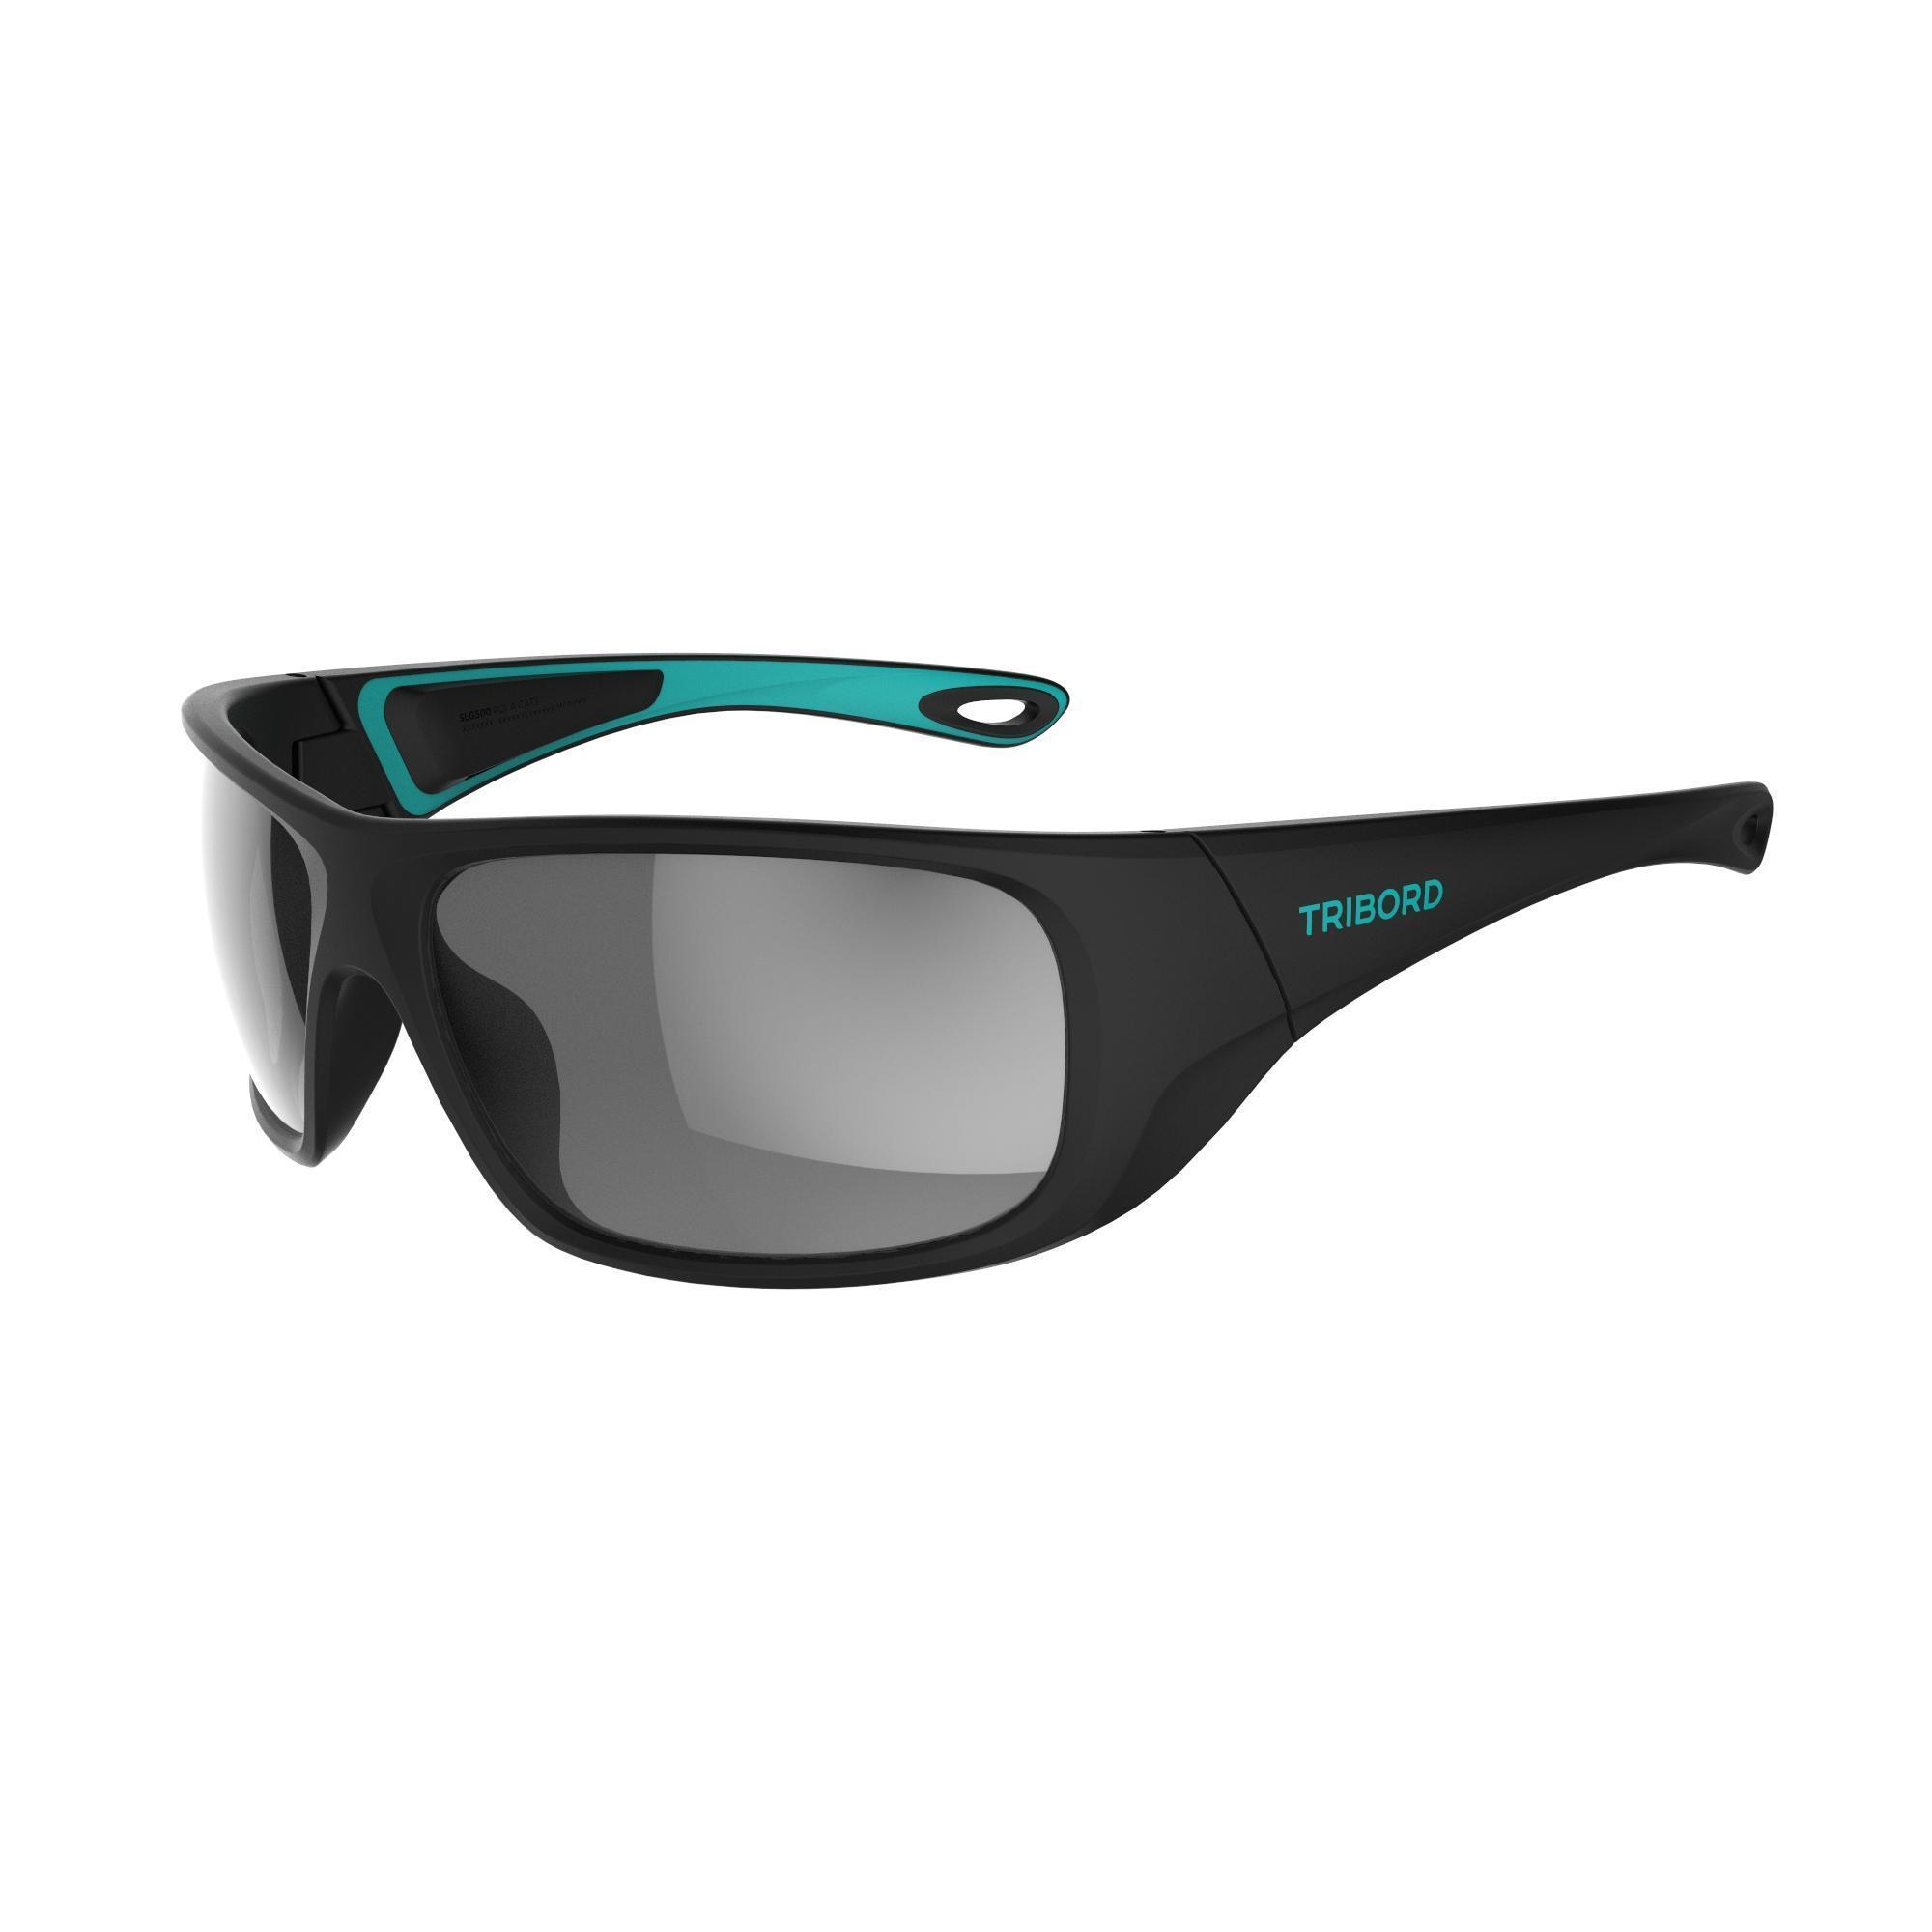 Tribord Watersportbril 500 voor volwassenen, zwart turquoise, polariserend categorie 3